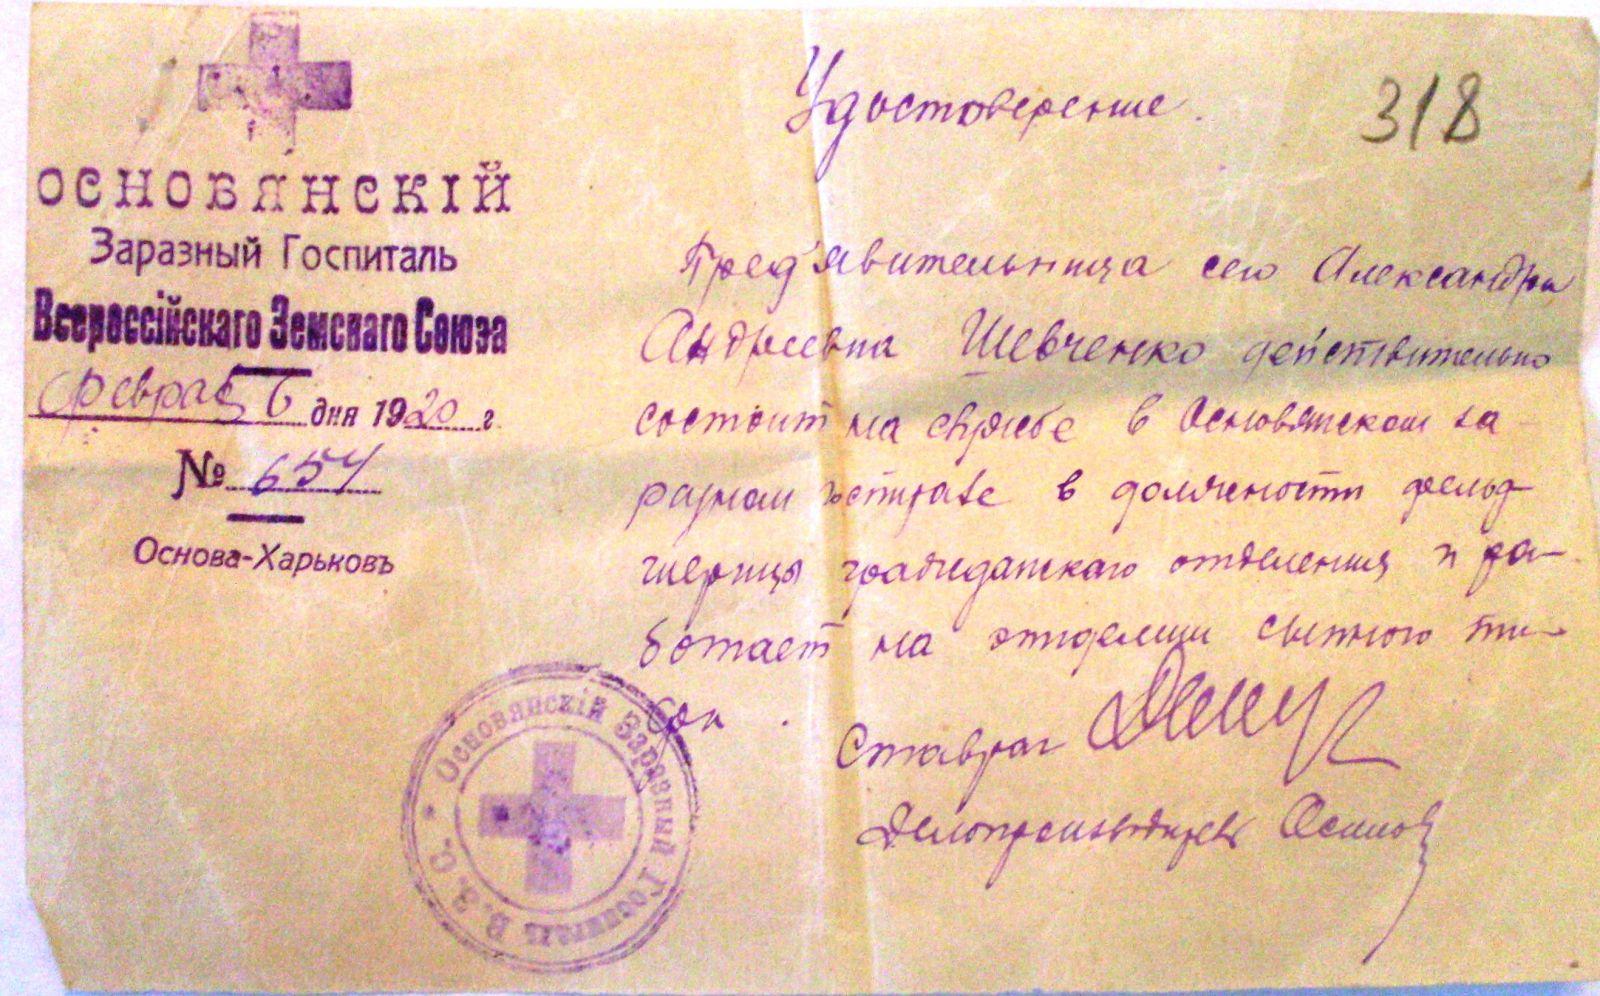 Довідка про те, як Андрій Шевченко вдівцем став: дружина його епідемії поборювала. Матір шістьох дітей доконав тиф, батька — чекісти